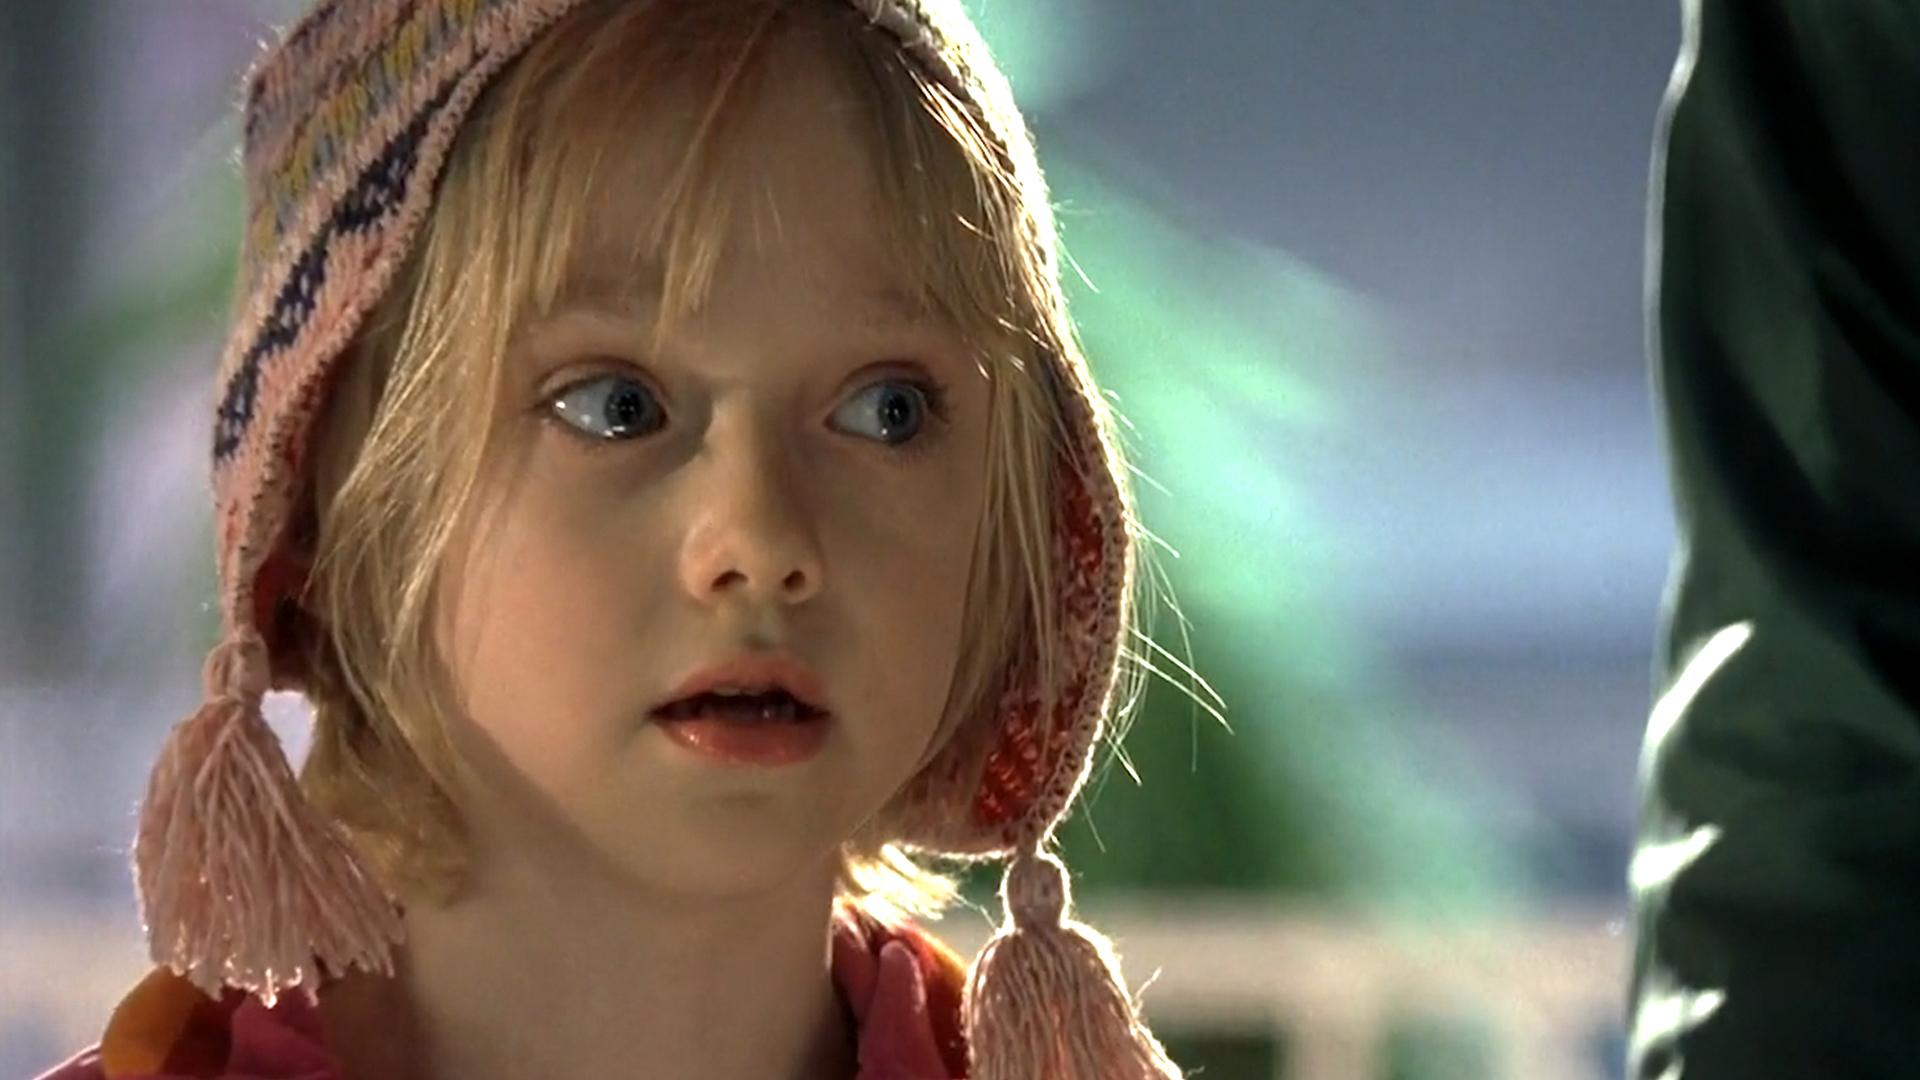 豆瓣9分,有史以来让我哭的最狠的电影,看一次哭一次!